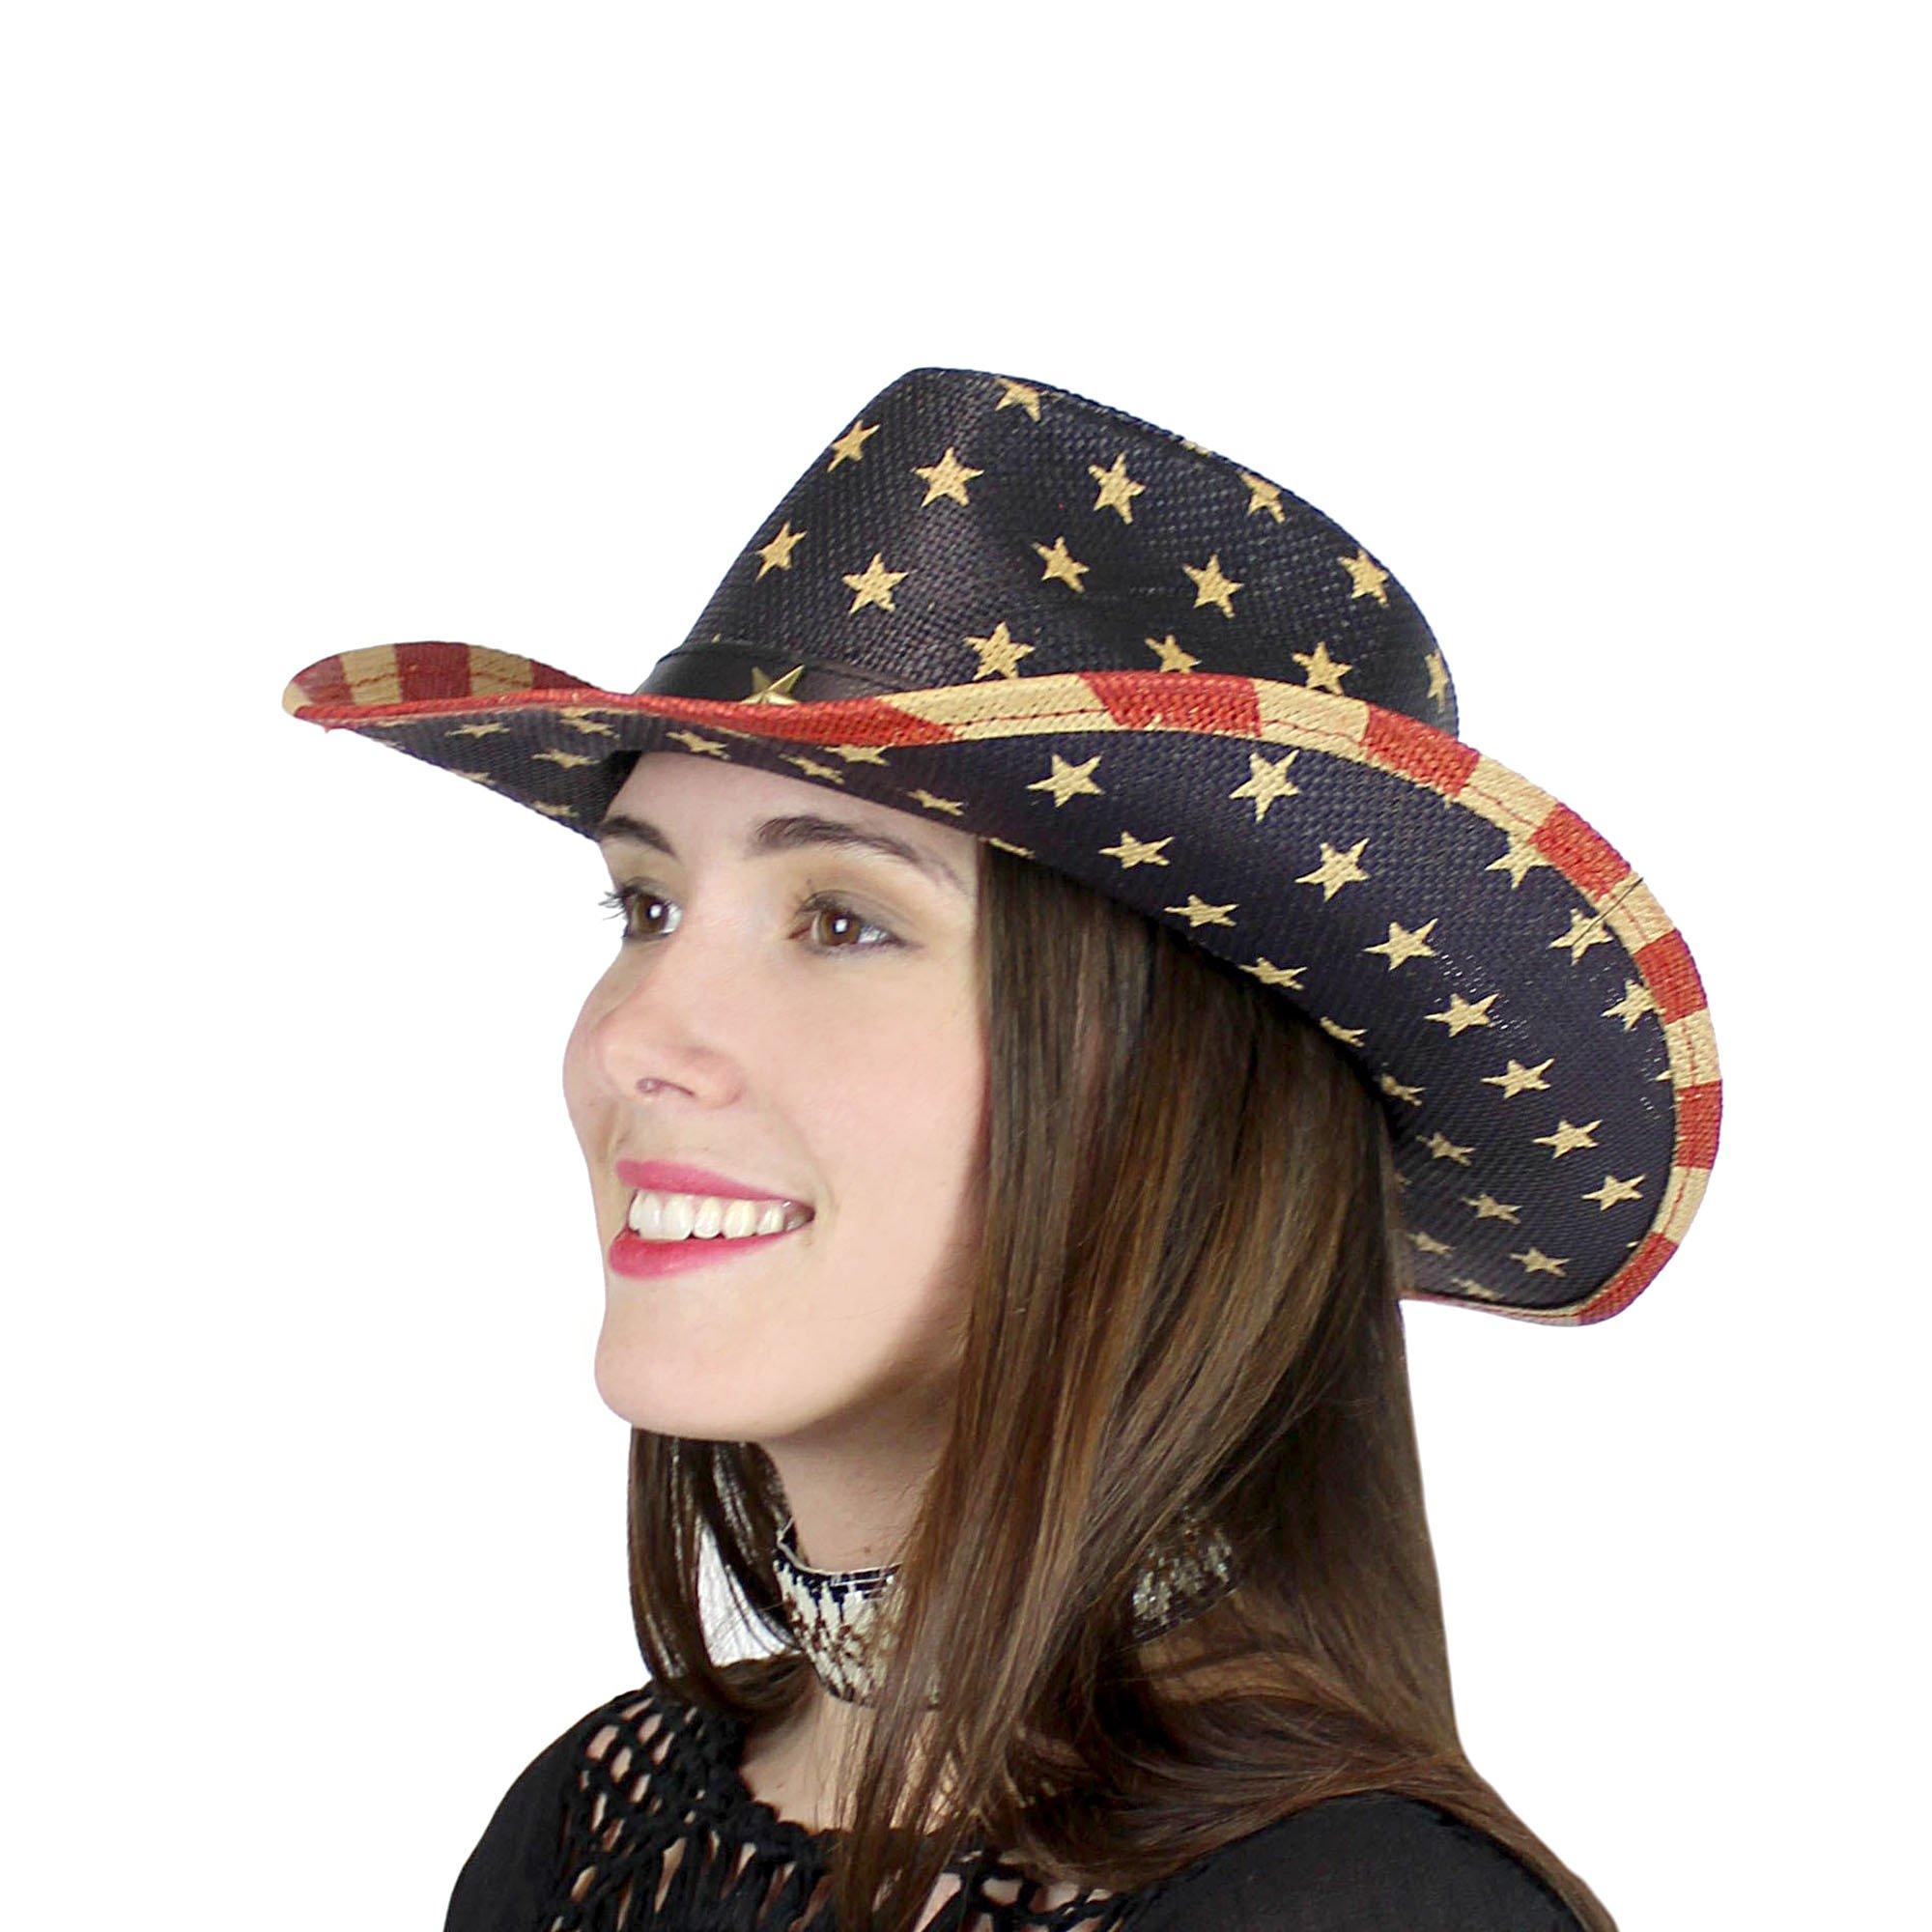 EchoMerx USA American Flag Western Straw Cowboy Hat Stars, Old Glory